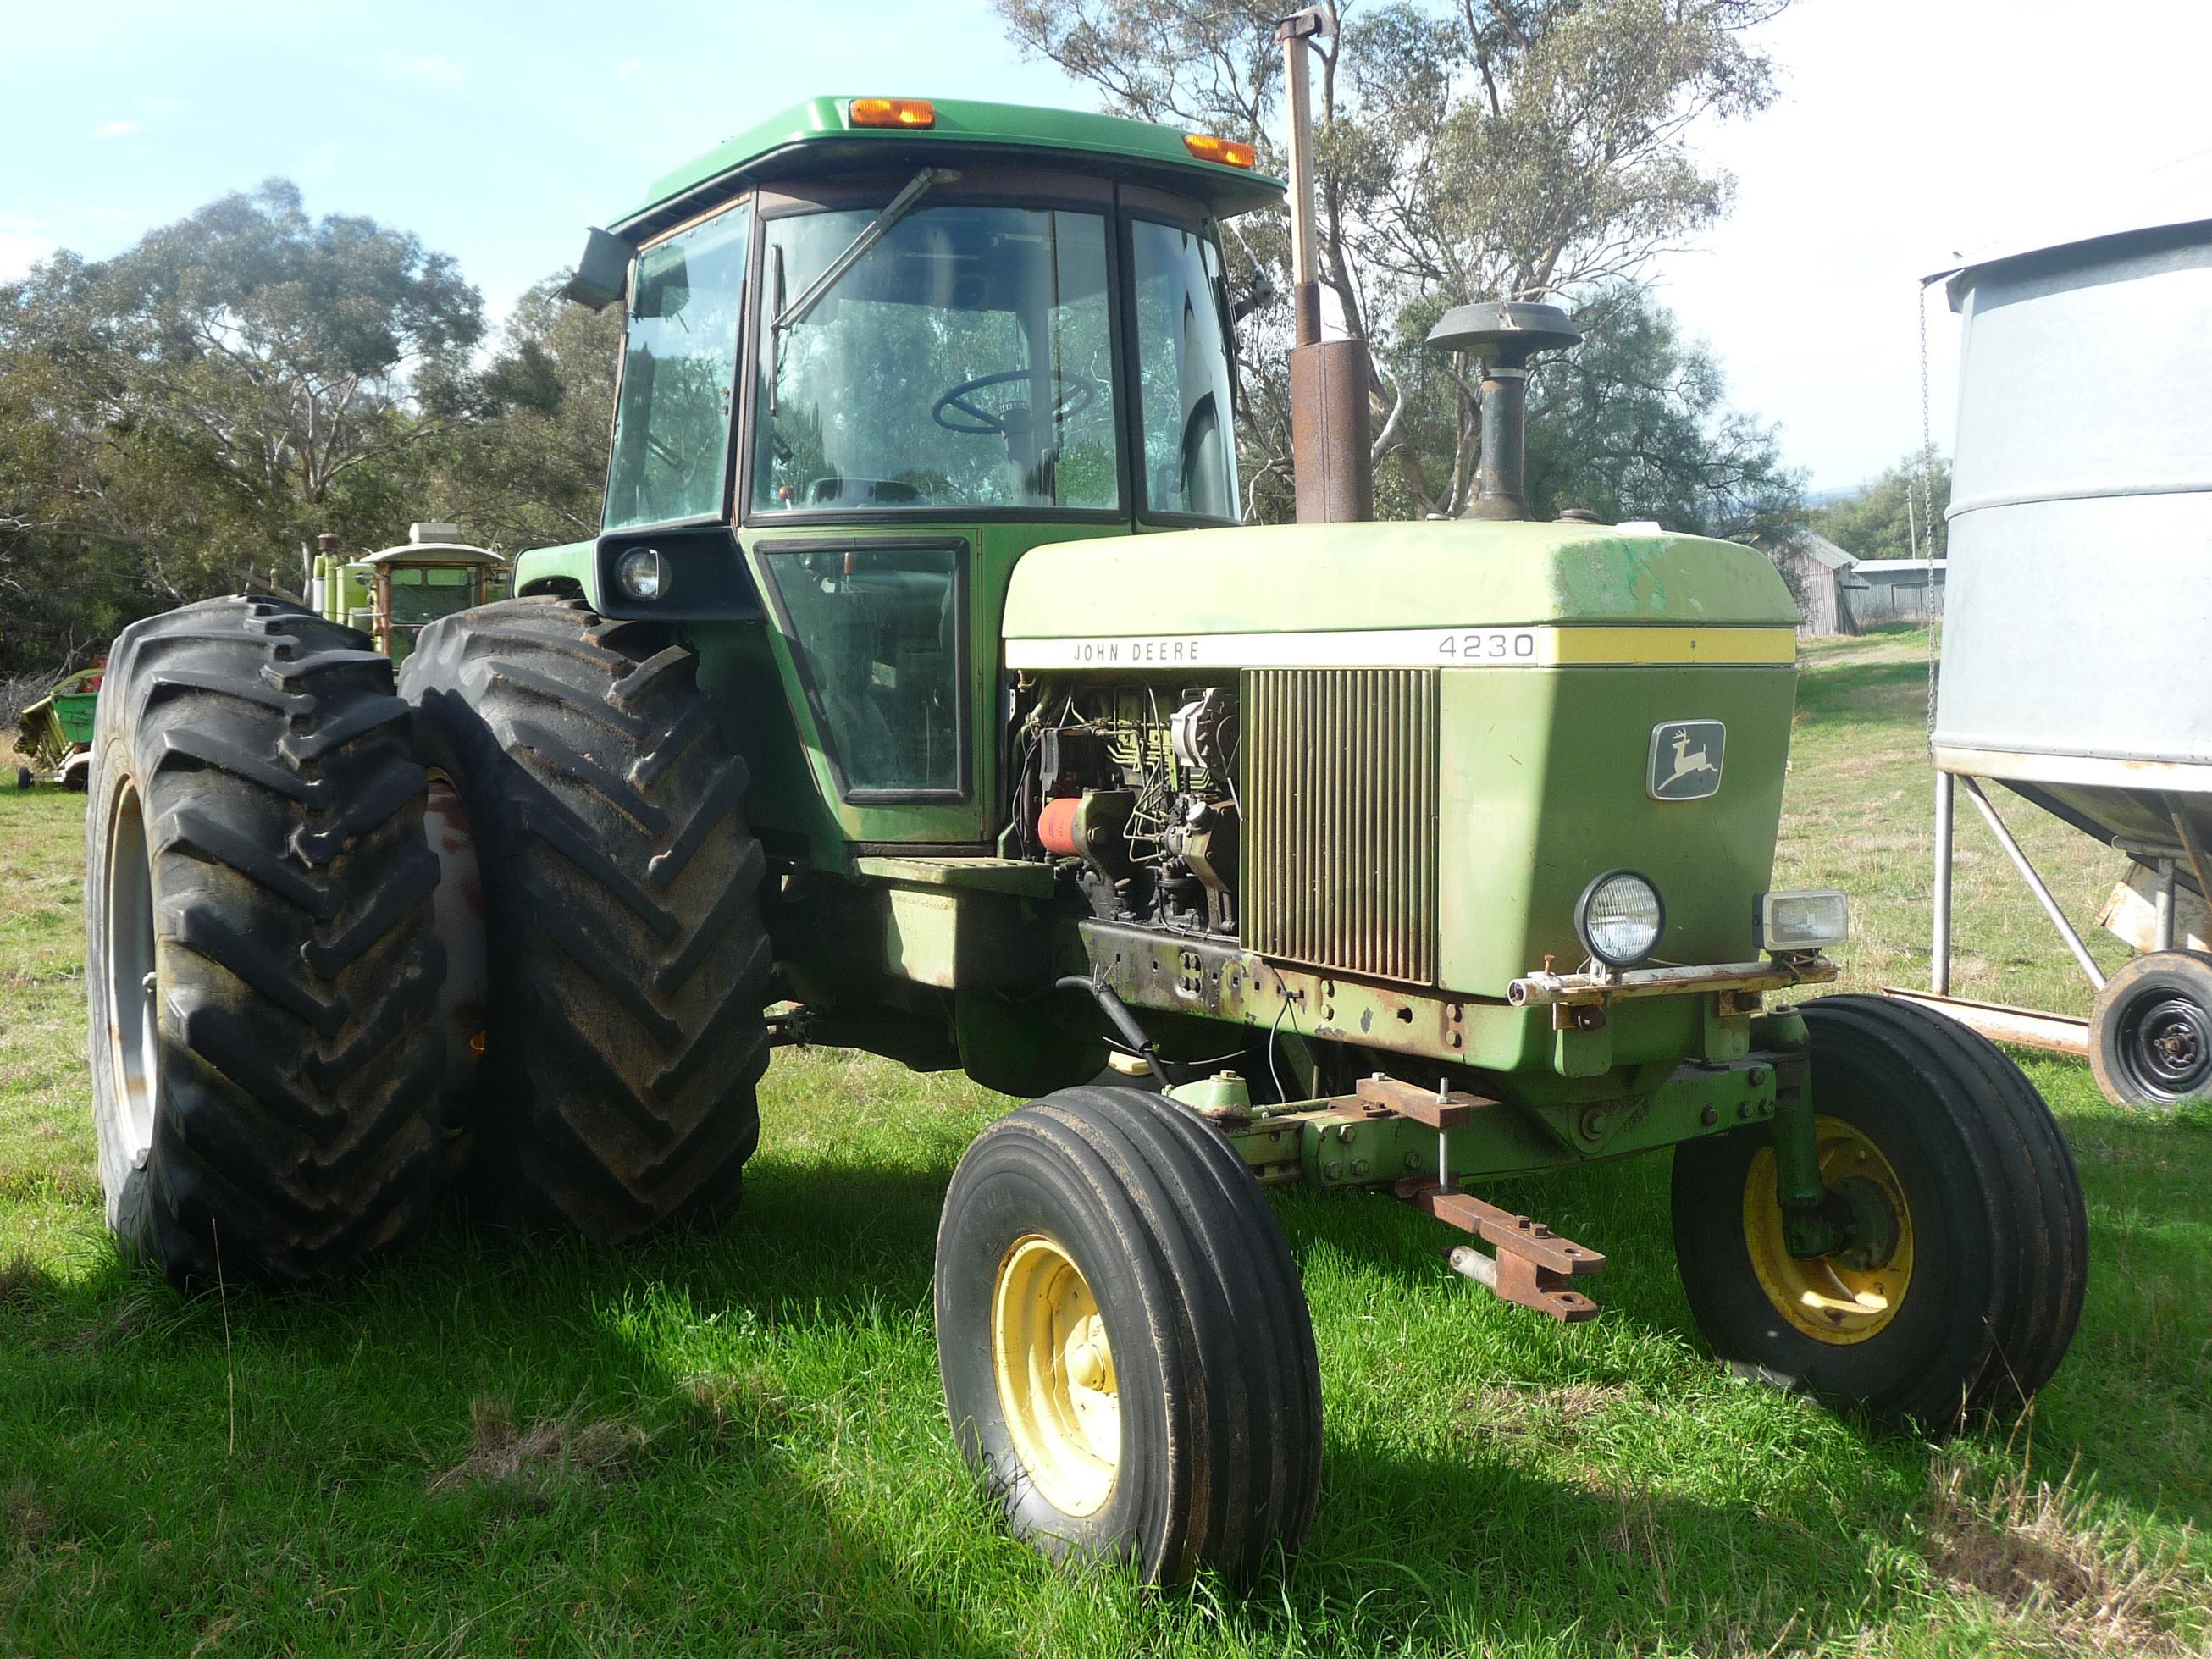 4230 John Deere : John deere machinery equipment tractors for sale